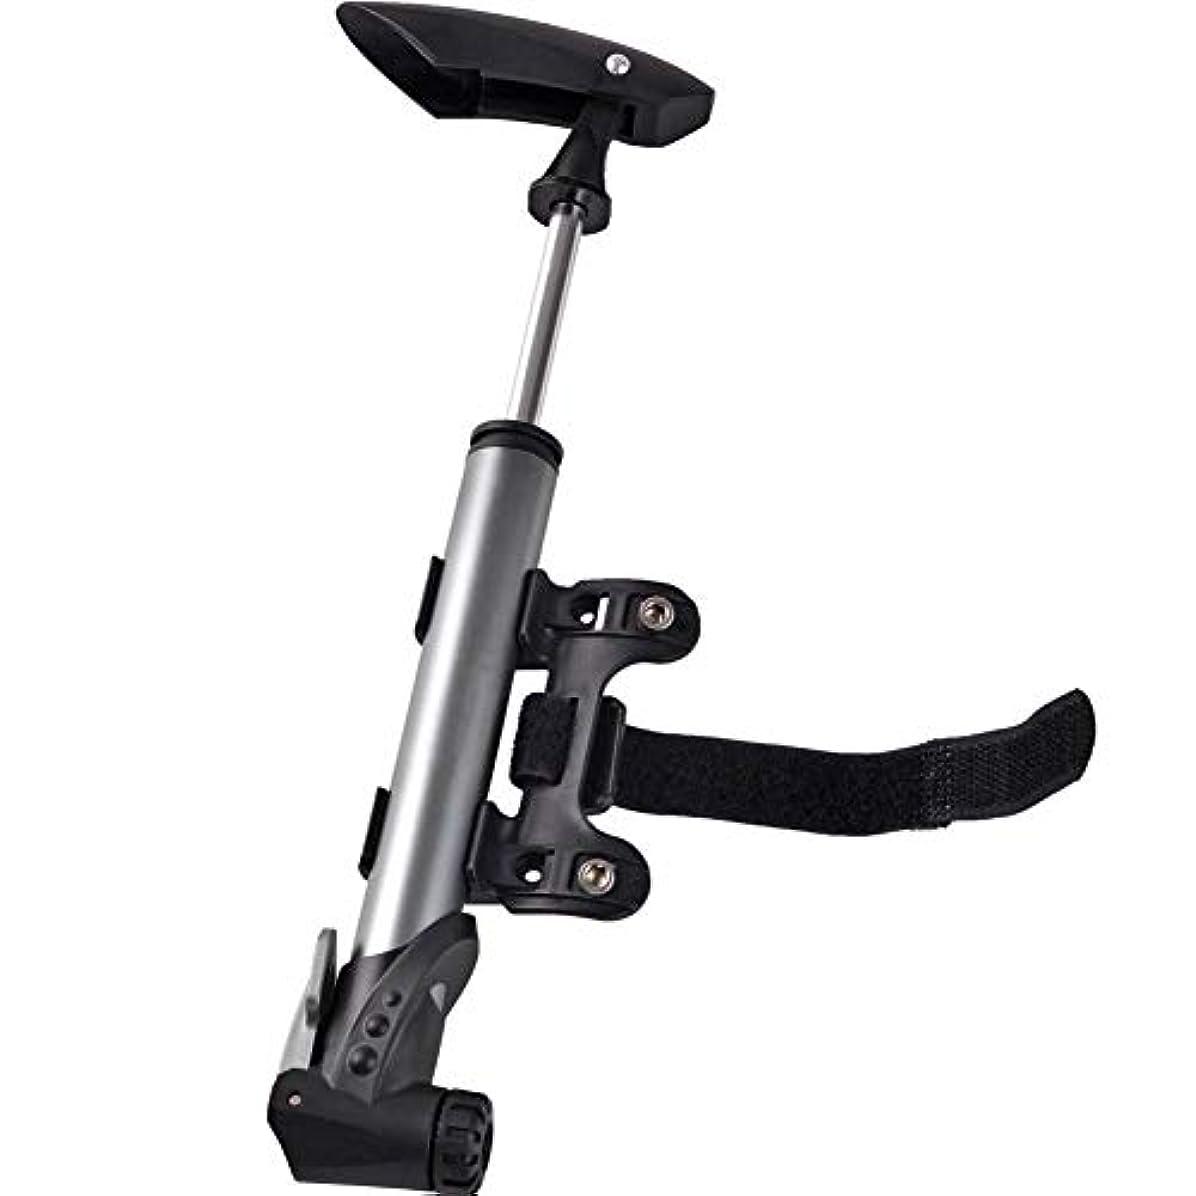 つづり優遇信じる高圧携帯用自転車ポンプ、アルミ合金の小型バイクの膨脹可能な用具、マウンテンバイクのために適した120PSI高圧、バスケットボール、サッカーボール